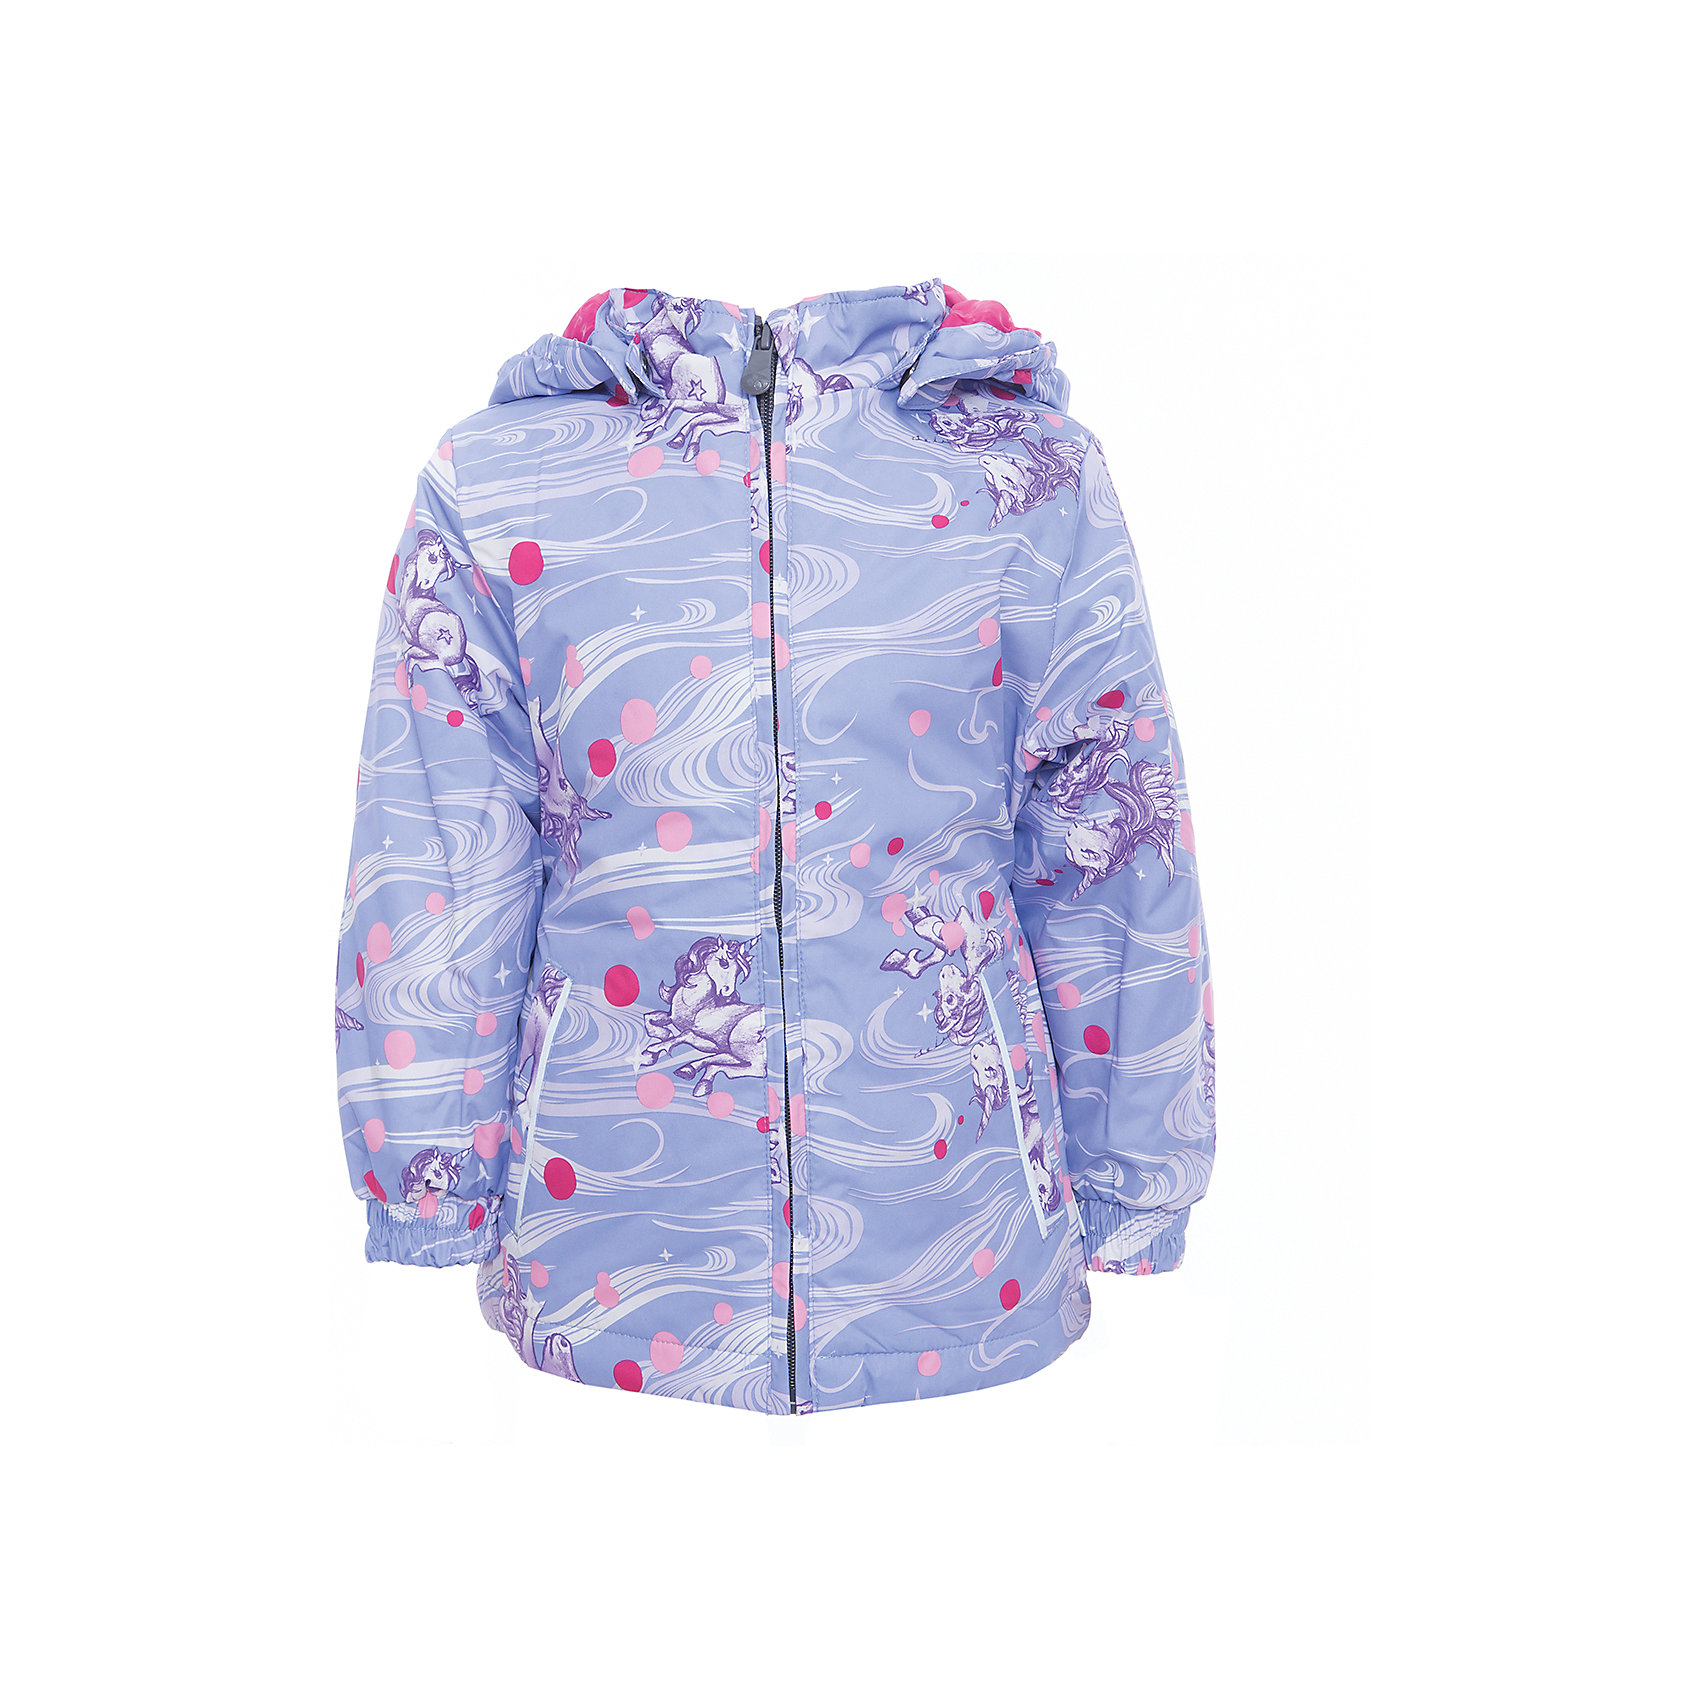 Куртка для девочки JOLY HuppaХарактеристики товара:<br><br>• цвет: сиреневый принт<br>• ткань: 100% полиэстер<br>• подкладка: тафта - 100% полиэстер<br>• утеплитель: 100% полиэстер 100 г<br>• температурный режим: от -5°С до +10°С<br>• водонепроницаемость: 5000 мм<br>• воздухопроницаемость: 5000 мм<br>• светоотражающие детали<br>• эластичные манжеты<br>• молния<br>• съёмный капюшон с резинкой<br>• карманы<br>• комфортная посадка<br>• коллекция: весна-лето 2017<br>• страна бренда: Эстония<br><br>Такая легкая и стильная куртка обеспечит детям тепло и комфорт. Она сделана из материала, отталкивающего воду, и дополнено подкладкой с утеплителем, поэтому изделие идеально подходит для межсезонья. Материал изделия - с мембранной технологией: защищая от влаги и ветра, он легко выводит лишнюю влагу наружу. Для удобства сделан капюшон. Куртка очень симпатично смотрится, яркая расцветка и крой добавляют ему оригинальности. Модель была разработана специально для детей.<br><br>Одежда и обувь от популярного эстонского бренда Huppa - отличный вариант одеть ребенка можно и комфортно. Вещи, выпускаемые компанией, качественные, продуманные и очень удобные. Для производства изделий используются только безопасные для детей материалы. Продукция от Huppa порадует и детей, и их родителей!<br><br>Куртку для девочки JOLY от бренда Huppa (Хуппа) можно купить в нашем интернет-магазине.<br><br>Ширина мм: 356<br>Глубина мм: 10<br>Высота мм: 245<br>Вес г: 519<br>Цвет: розовый<br>Возраст от месяцев: 48<br>Возраст до месяцев: 60<br>Пол: Женский<br>Возраст: Детский<br>Размер: 110,116,122,128,134,92,98,104<br>SKU: 5346811